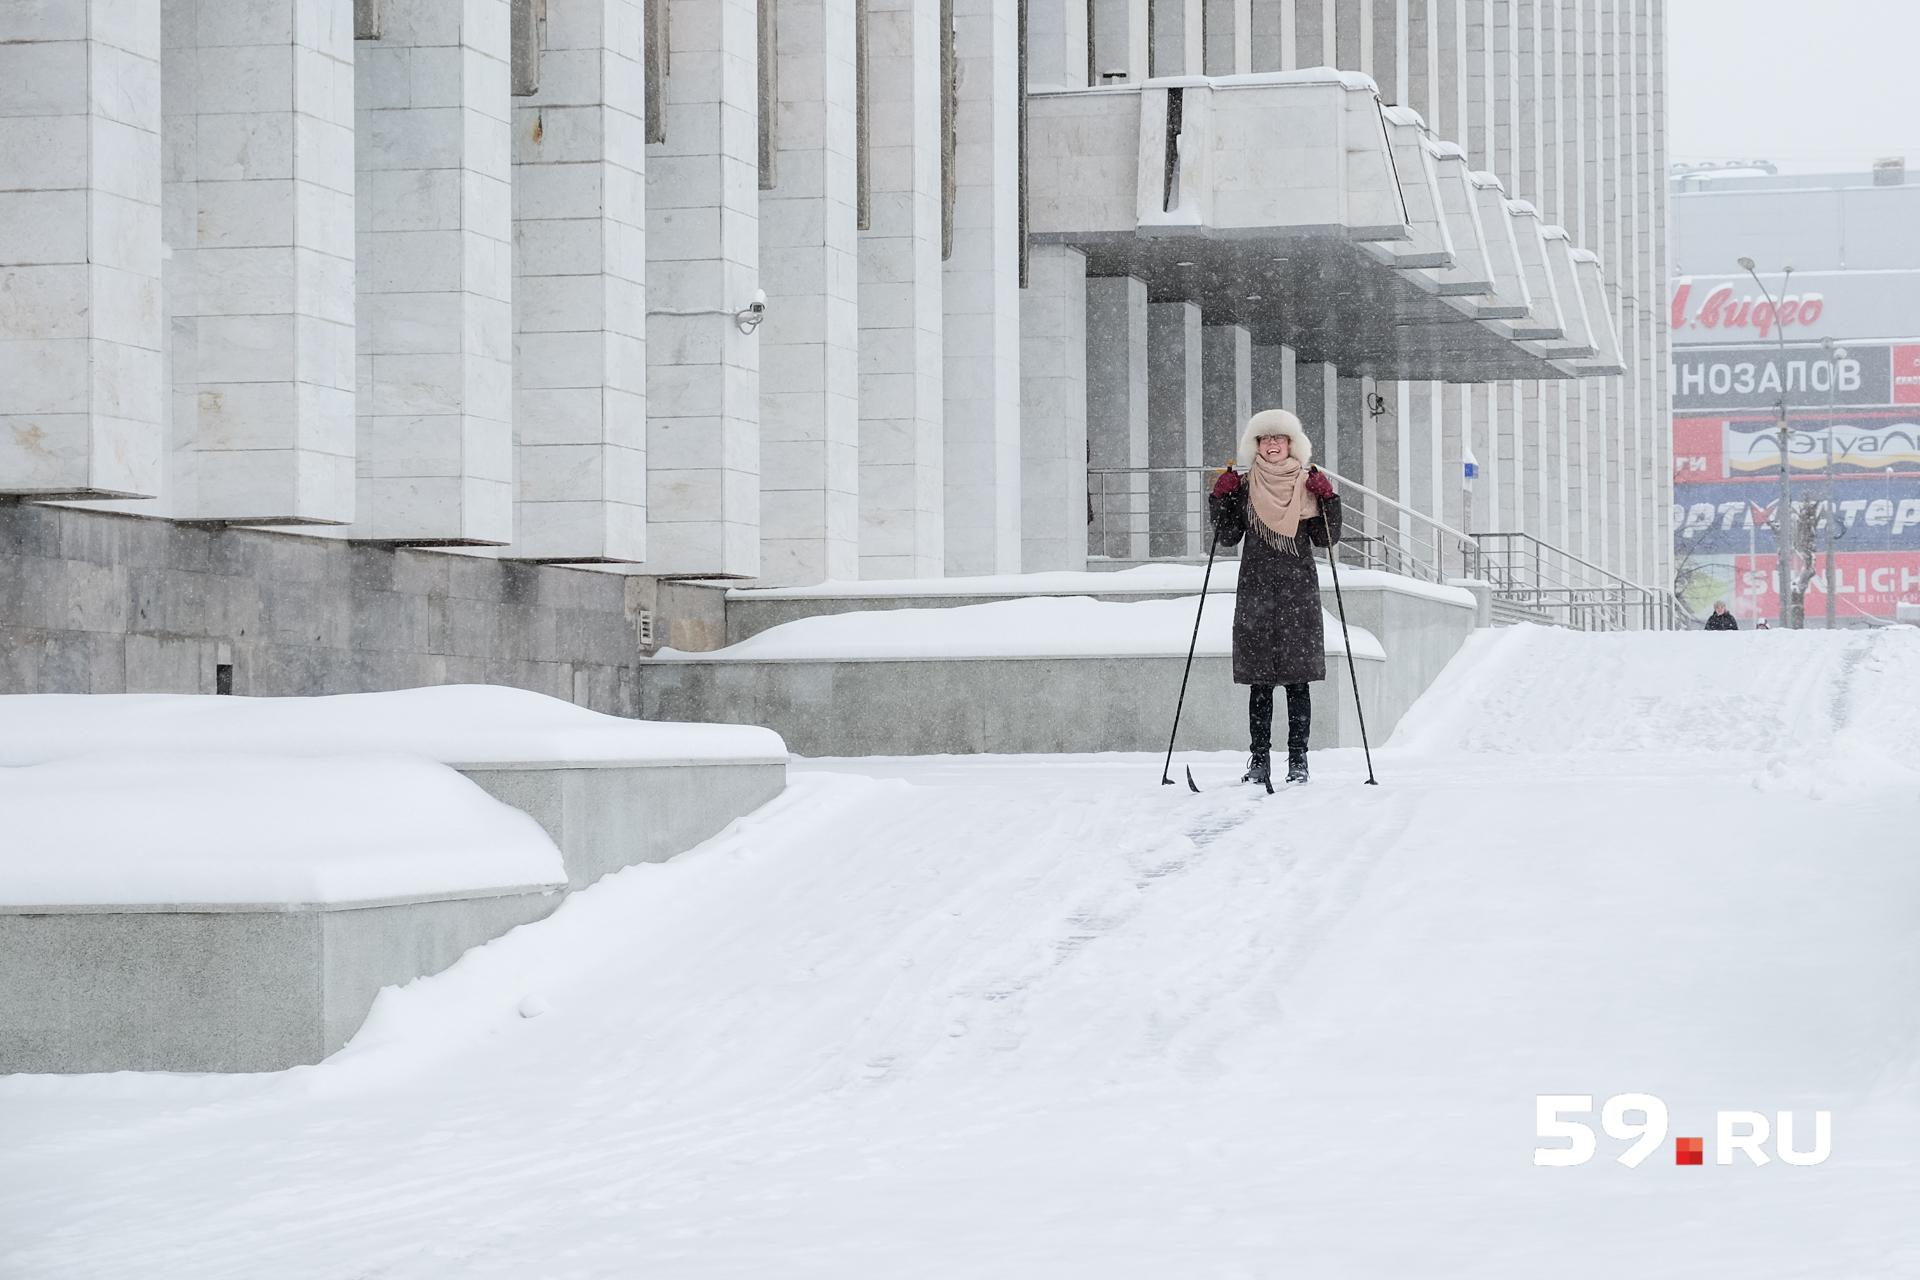 Без смеха кататься на лыжах по центру Перми невозможно